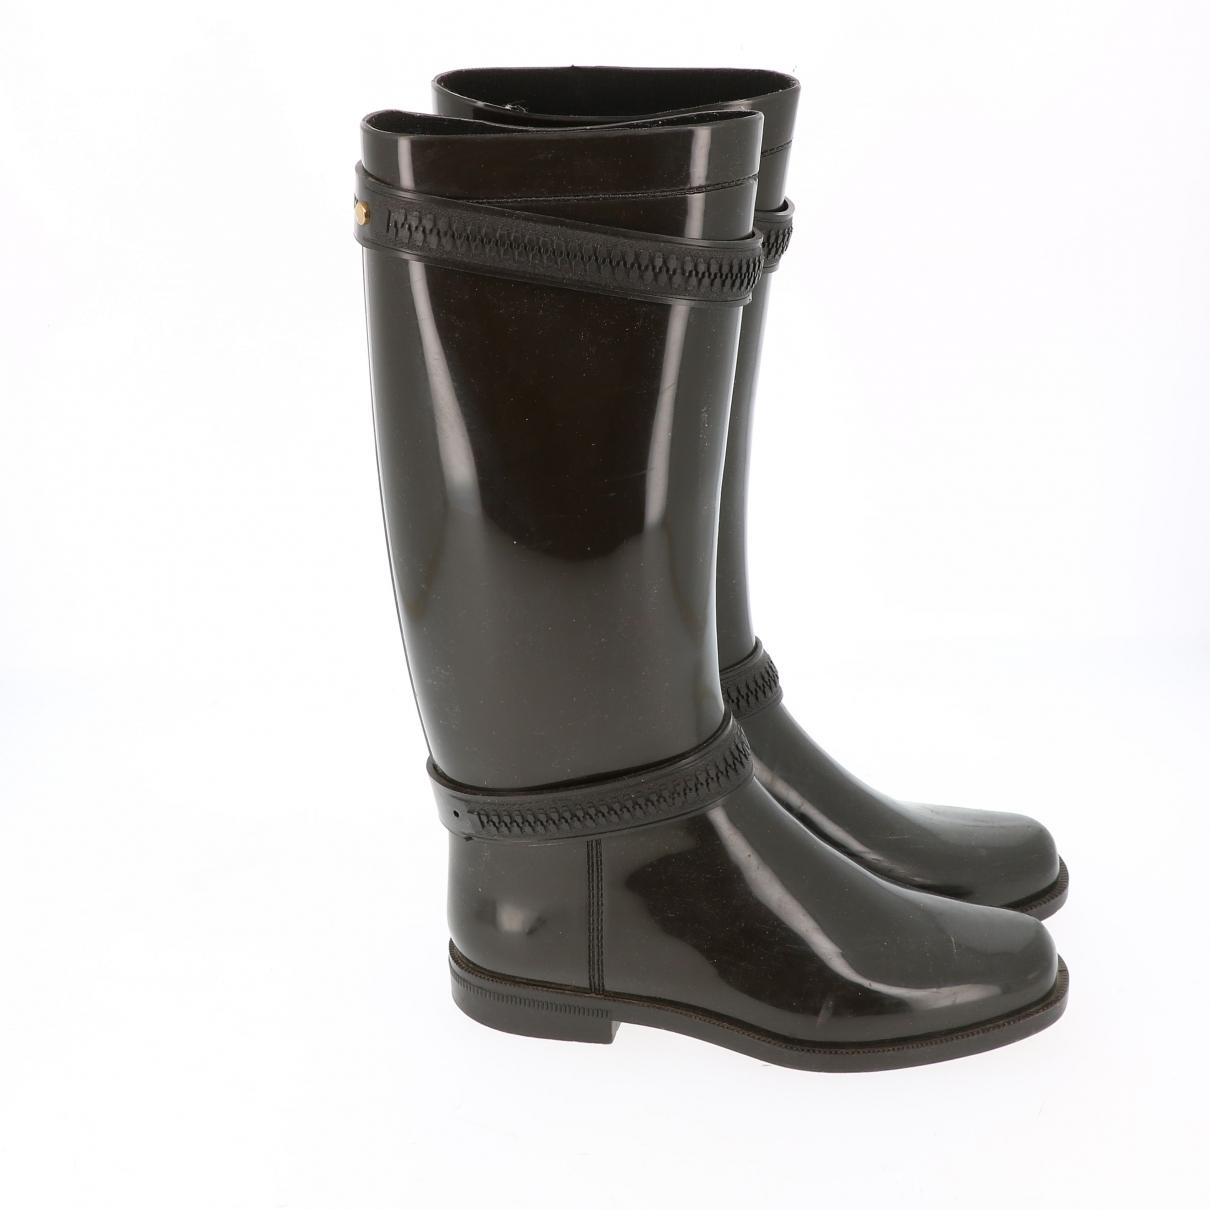 Givenchy - Bottes   pour femme - marron